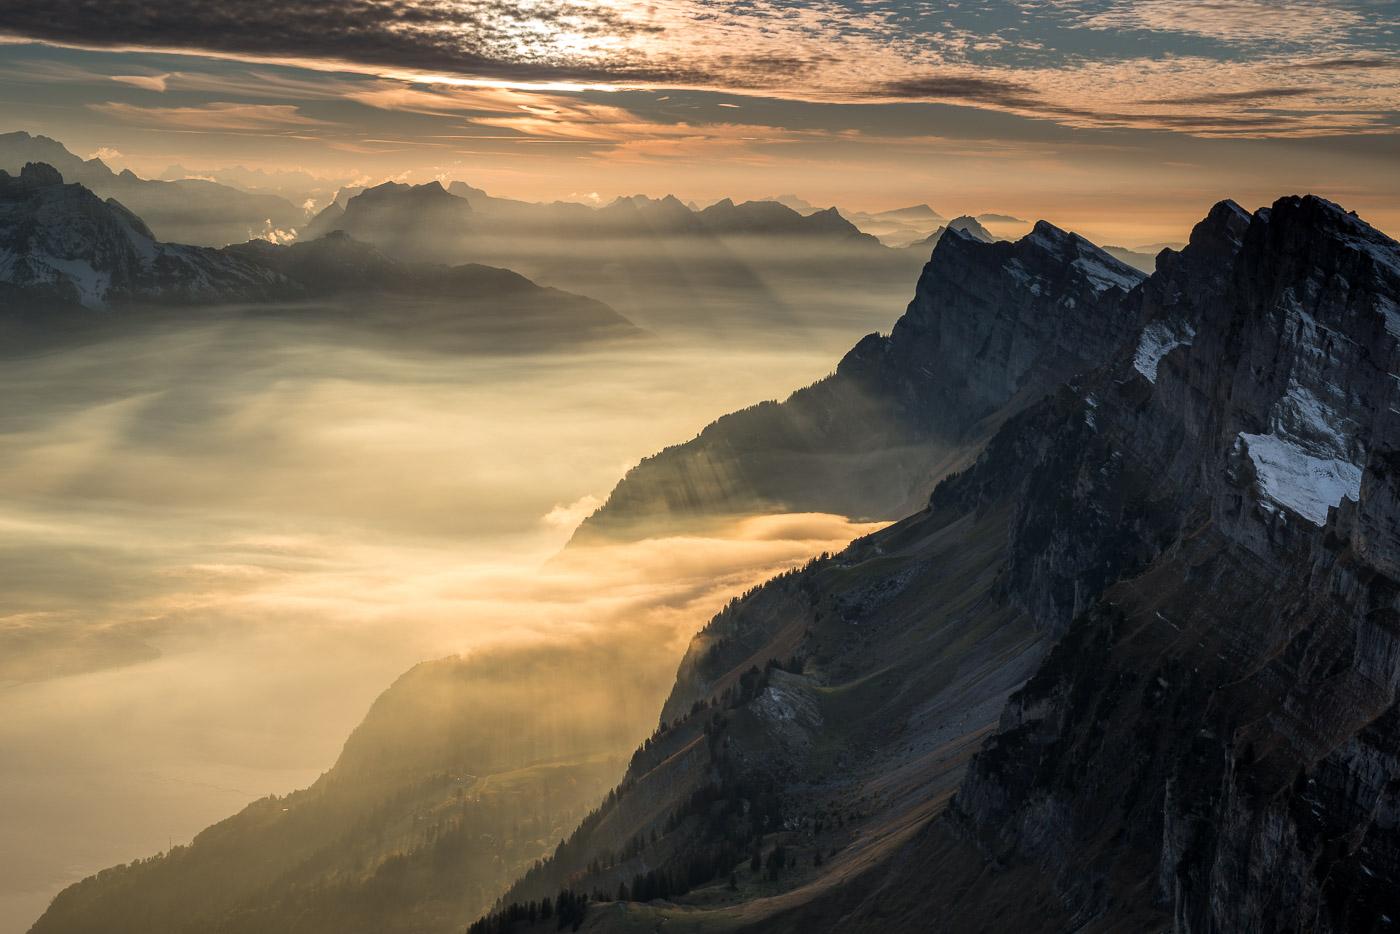 Churfirsten und Walensee zwischen Wolken und Nebel